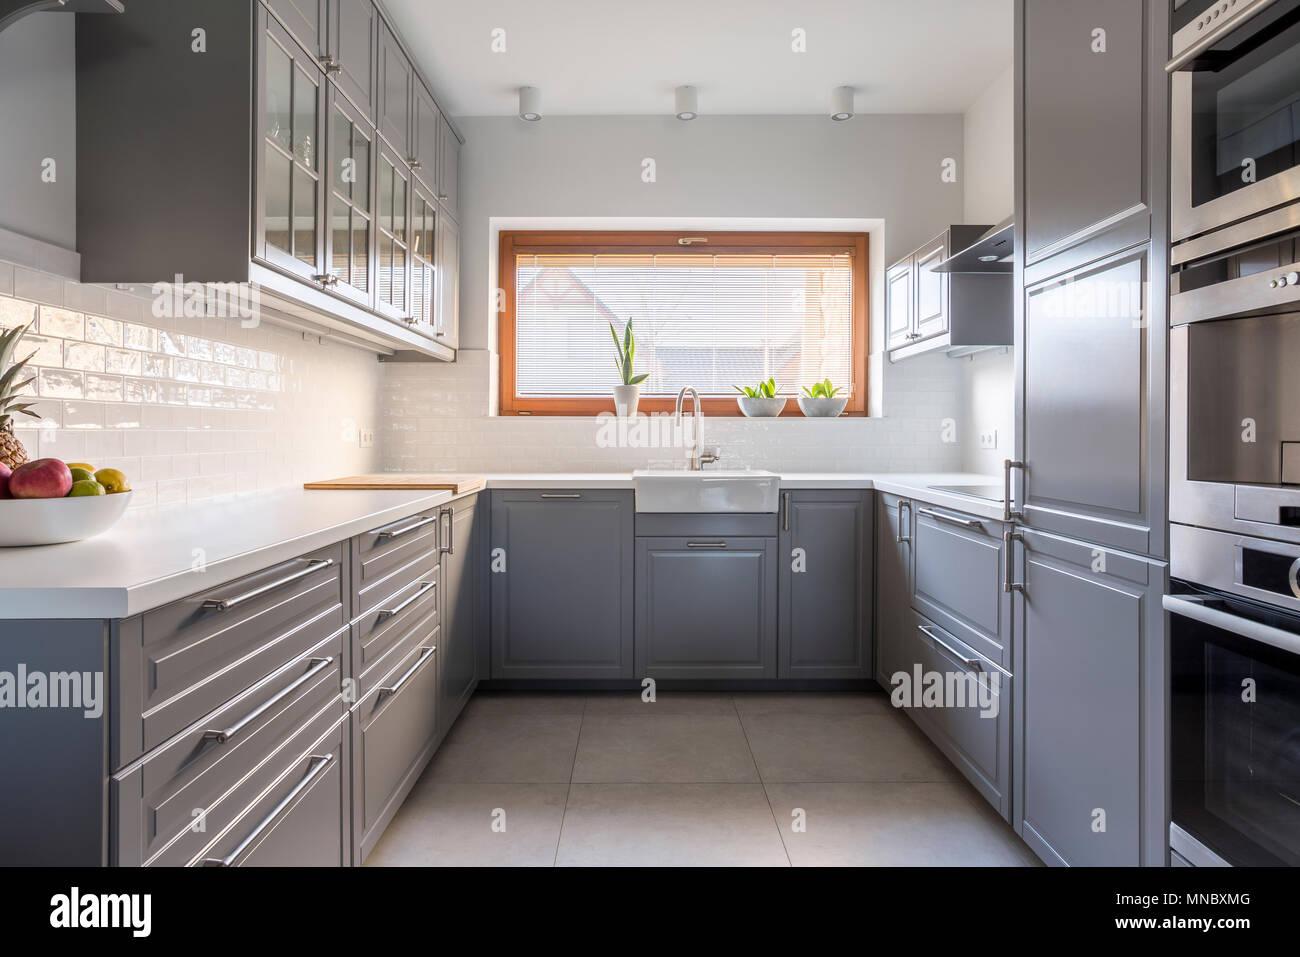 Luce cucina spaziosa con finestra e bianco delle piastrelle in